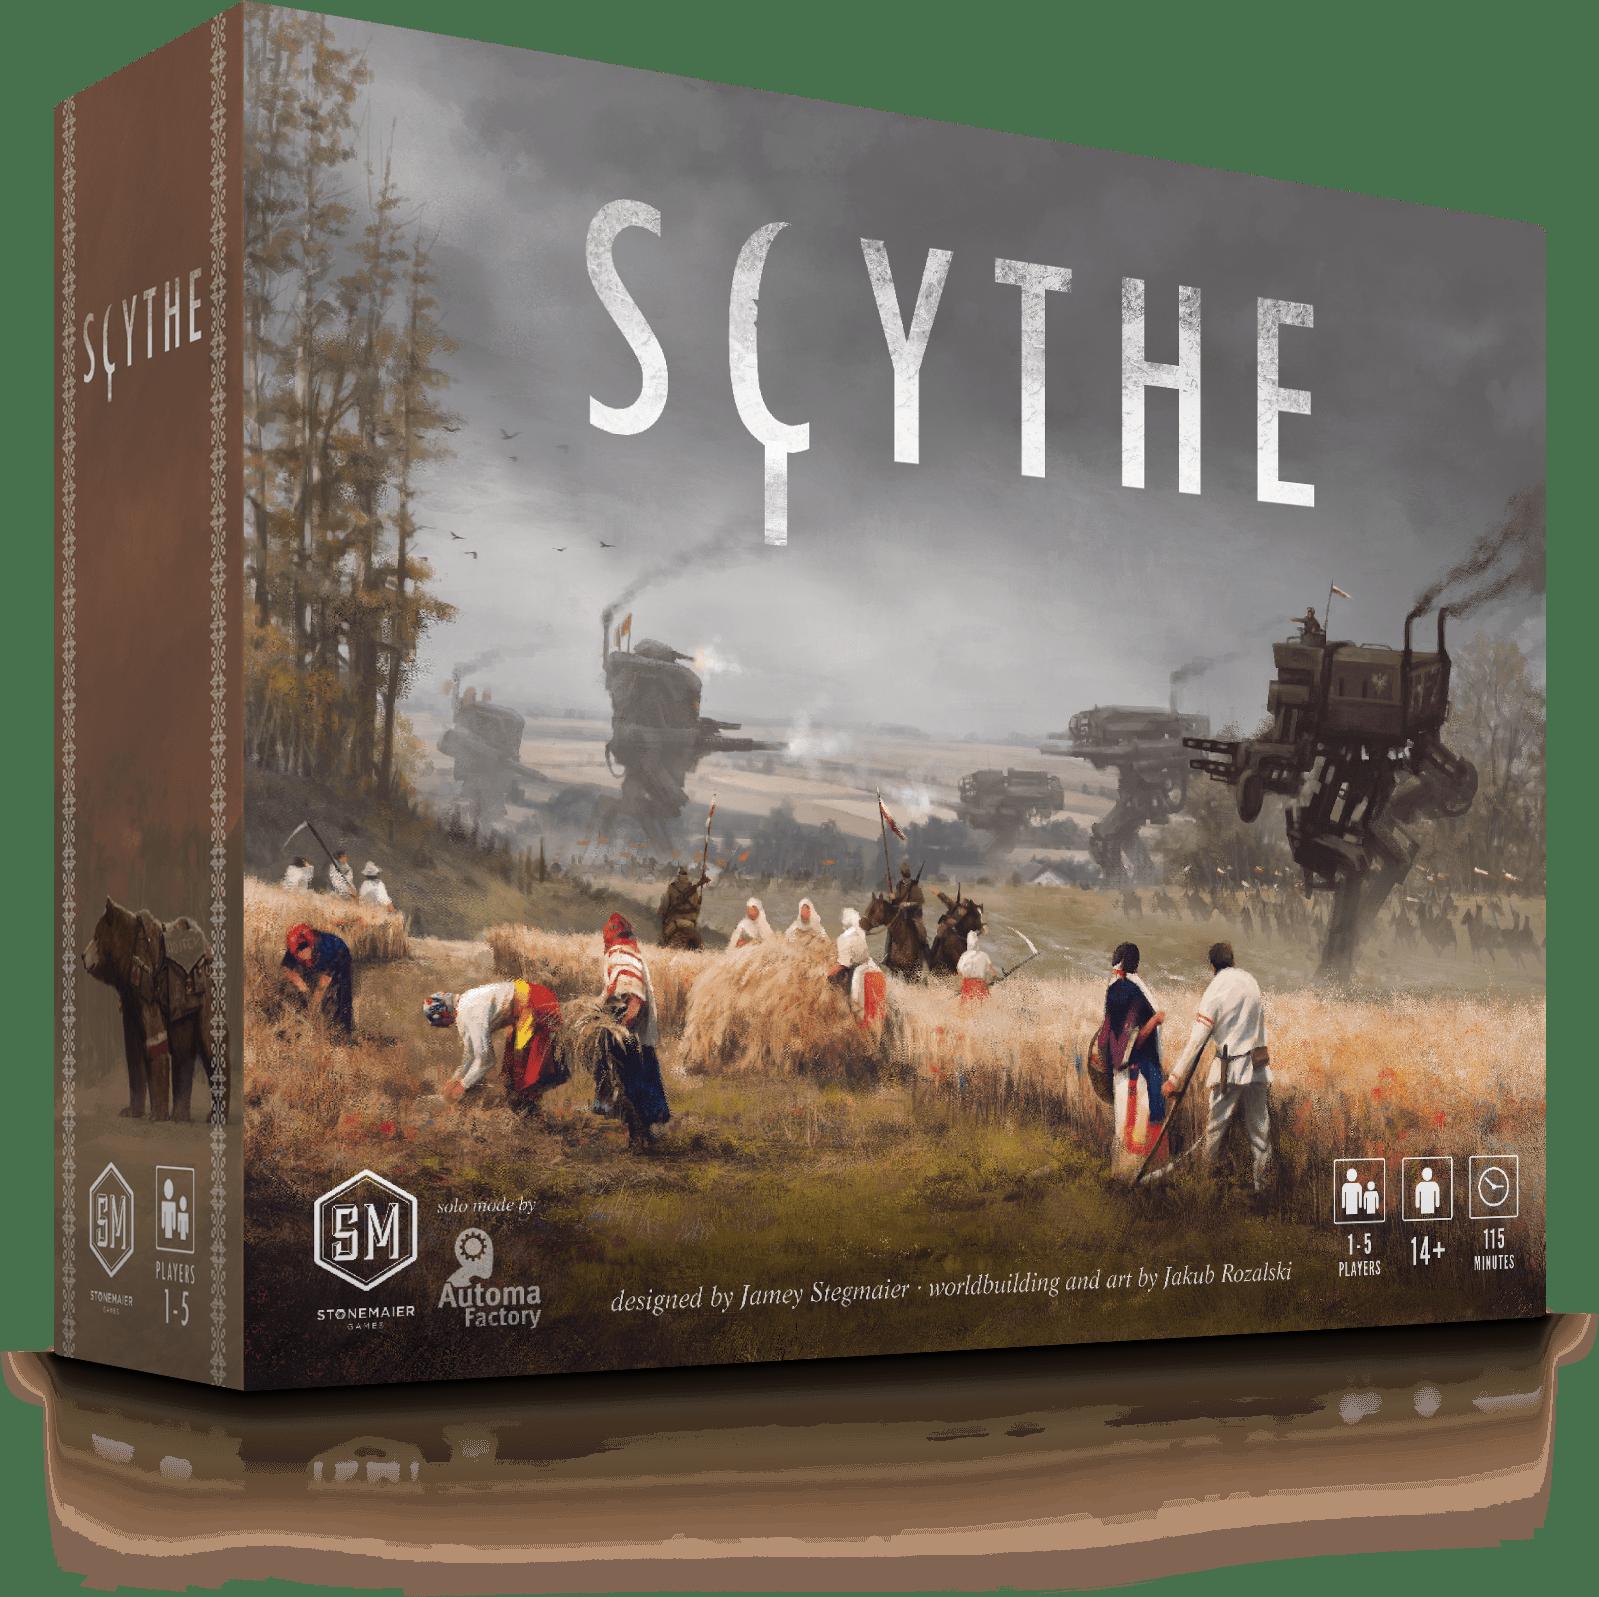 Scythe game